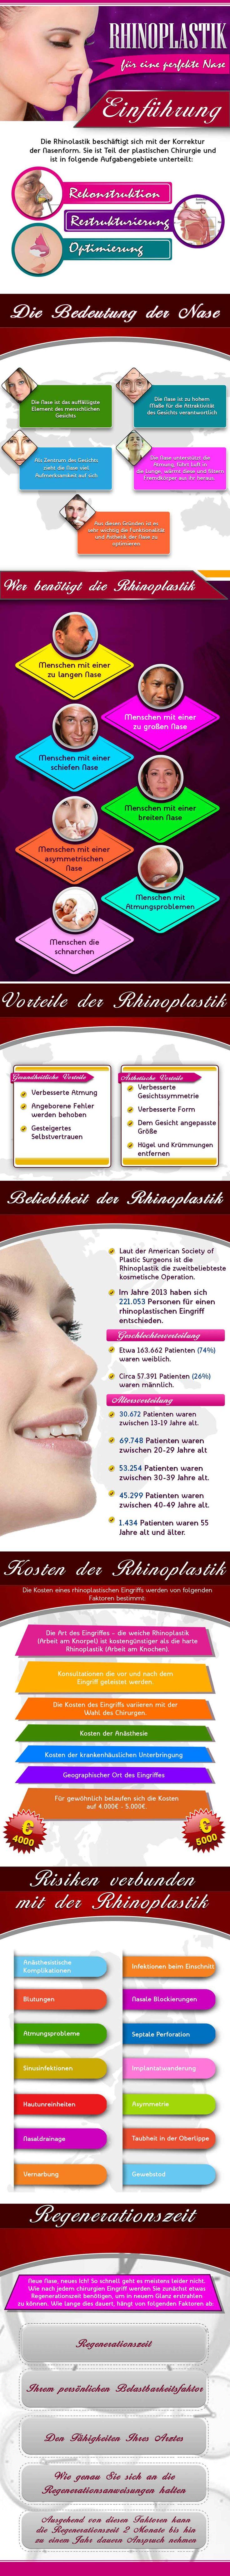 NASENKORREKTUR - Plastische Chirurgie Dr. Kauder  http://www.plastische-chirurgie-berlin.de/de/leistungen_fuer_herren/nasenkorrektur.php  Nasenkorrektur, Nasen-OP, Nasenoperation, Schönheitsoperation, Schönheits-OP, Nase   Nasenkorrektur, Nasen-OP, Nasenoperation, Schönheitsoperation, Schönheits-OP, Nase